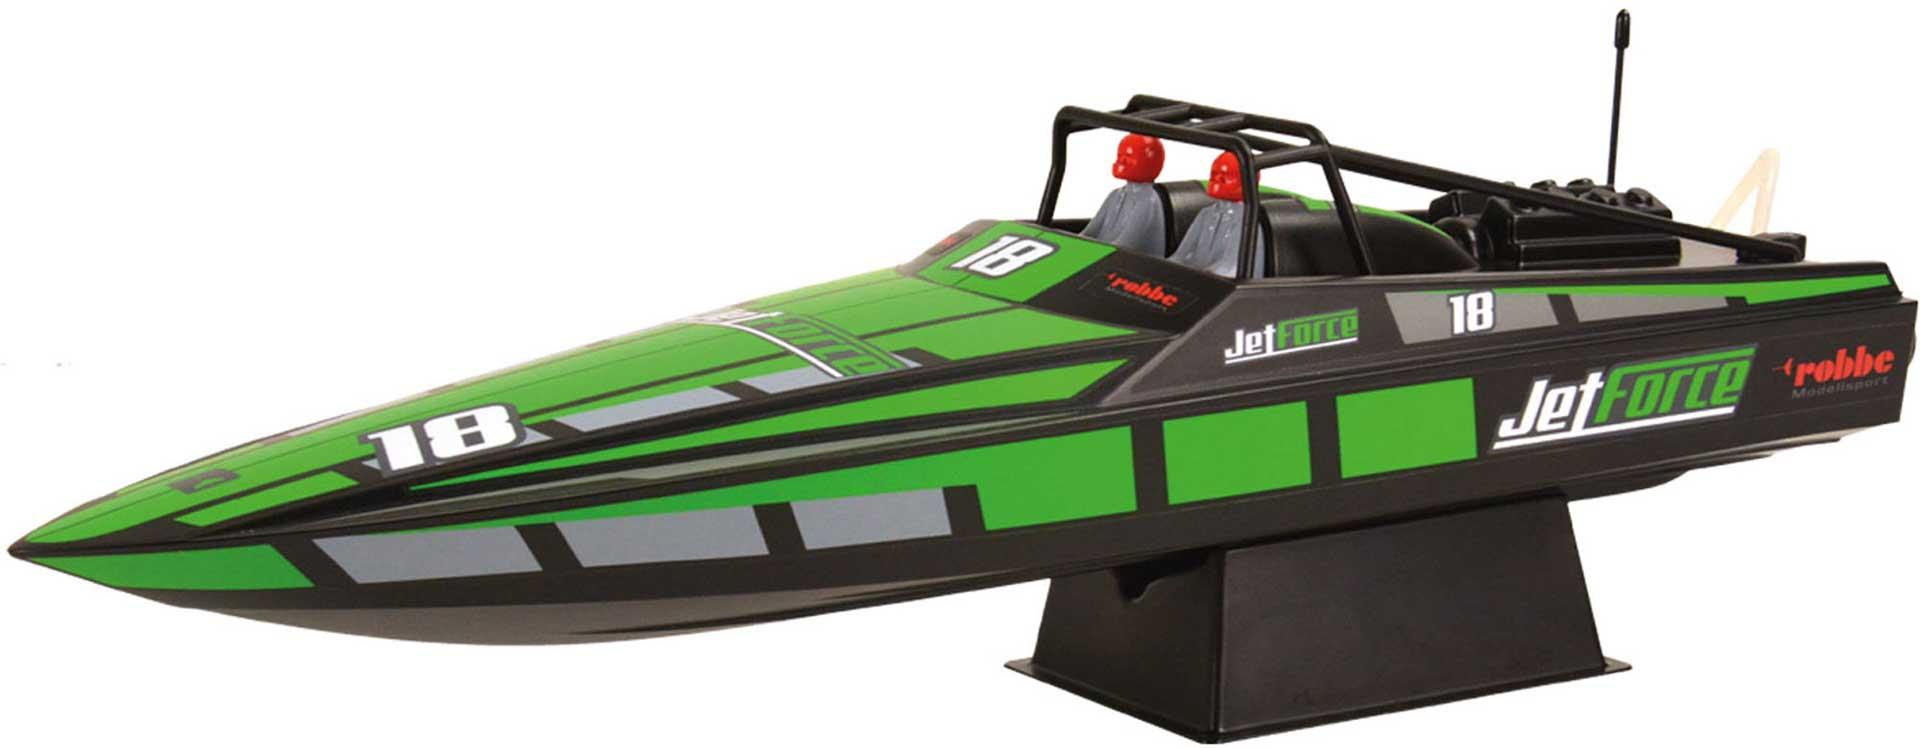 ROBBE JET FORCE RACE BOAT 1:6 ARTR B-WARE / 2.WAHL SVR!!!!!